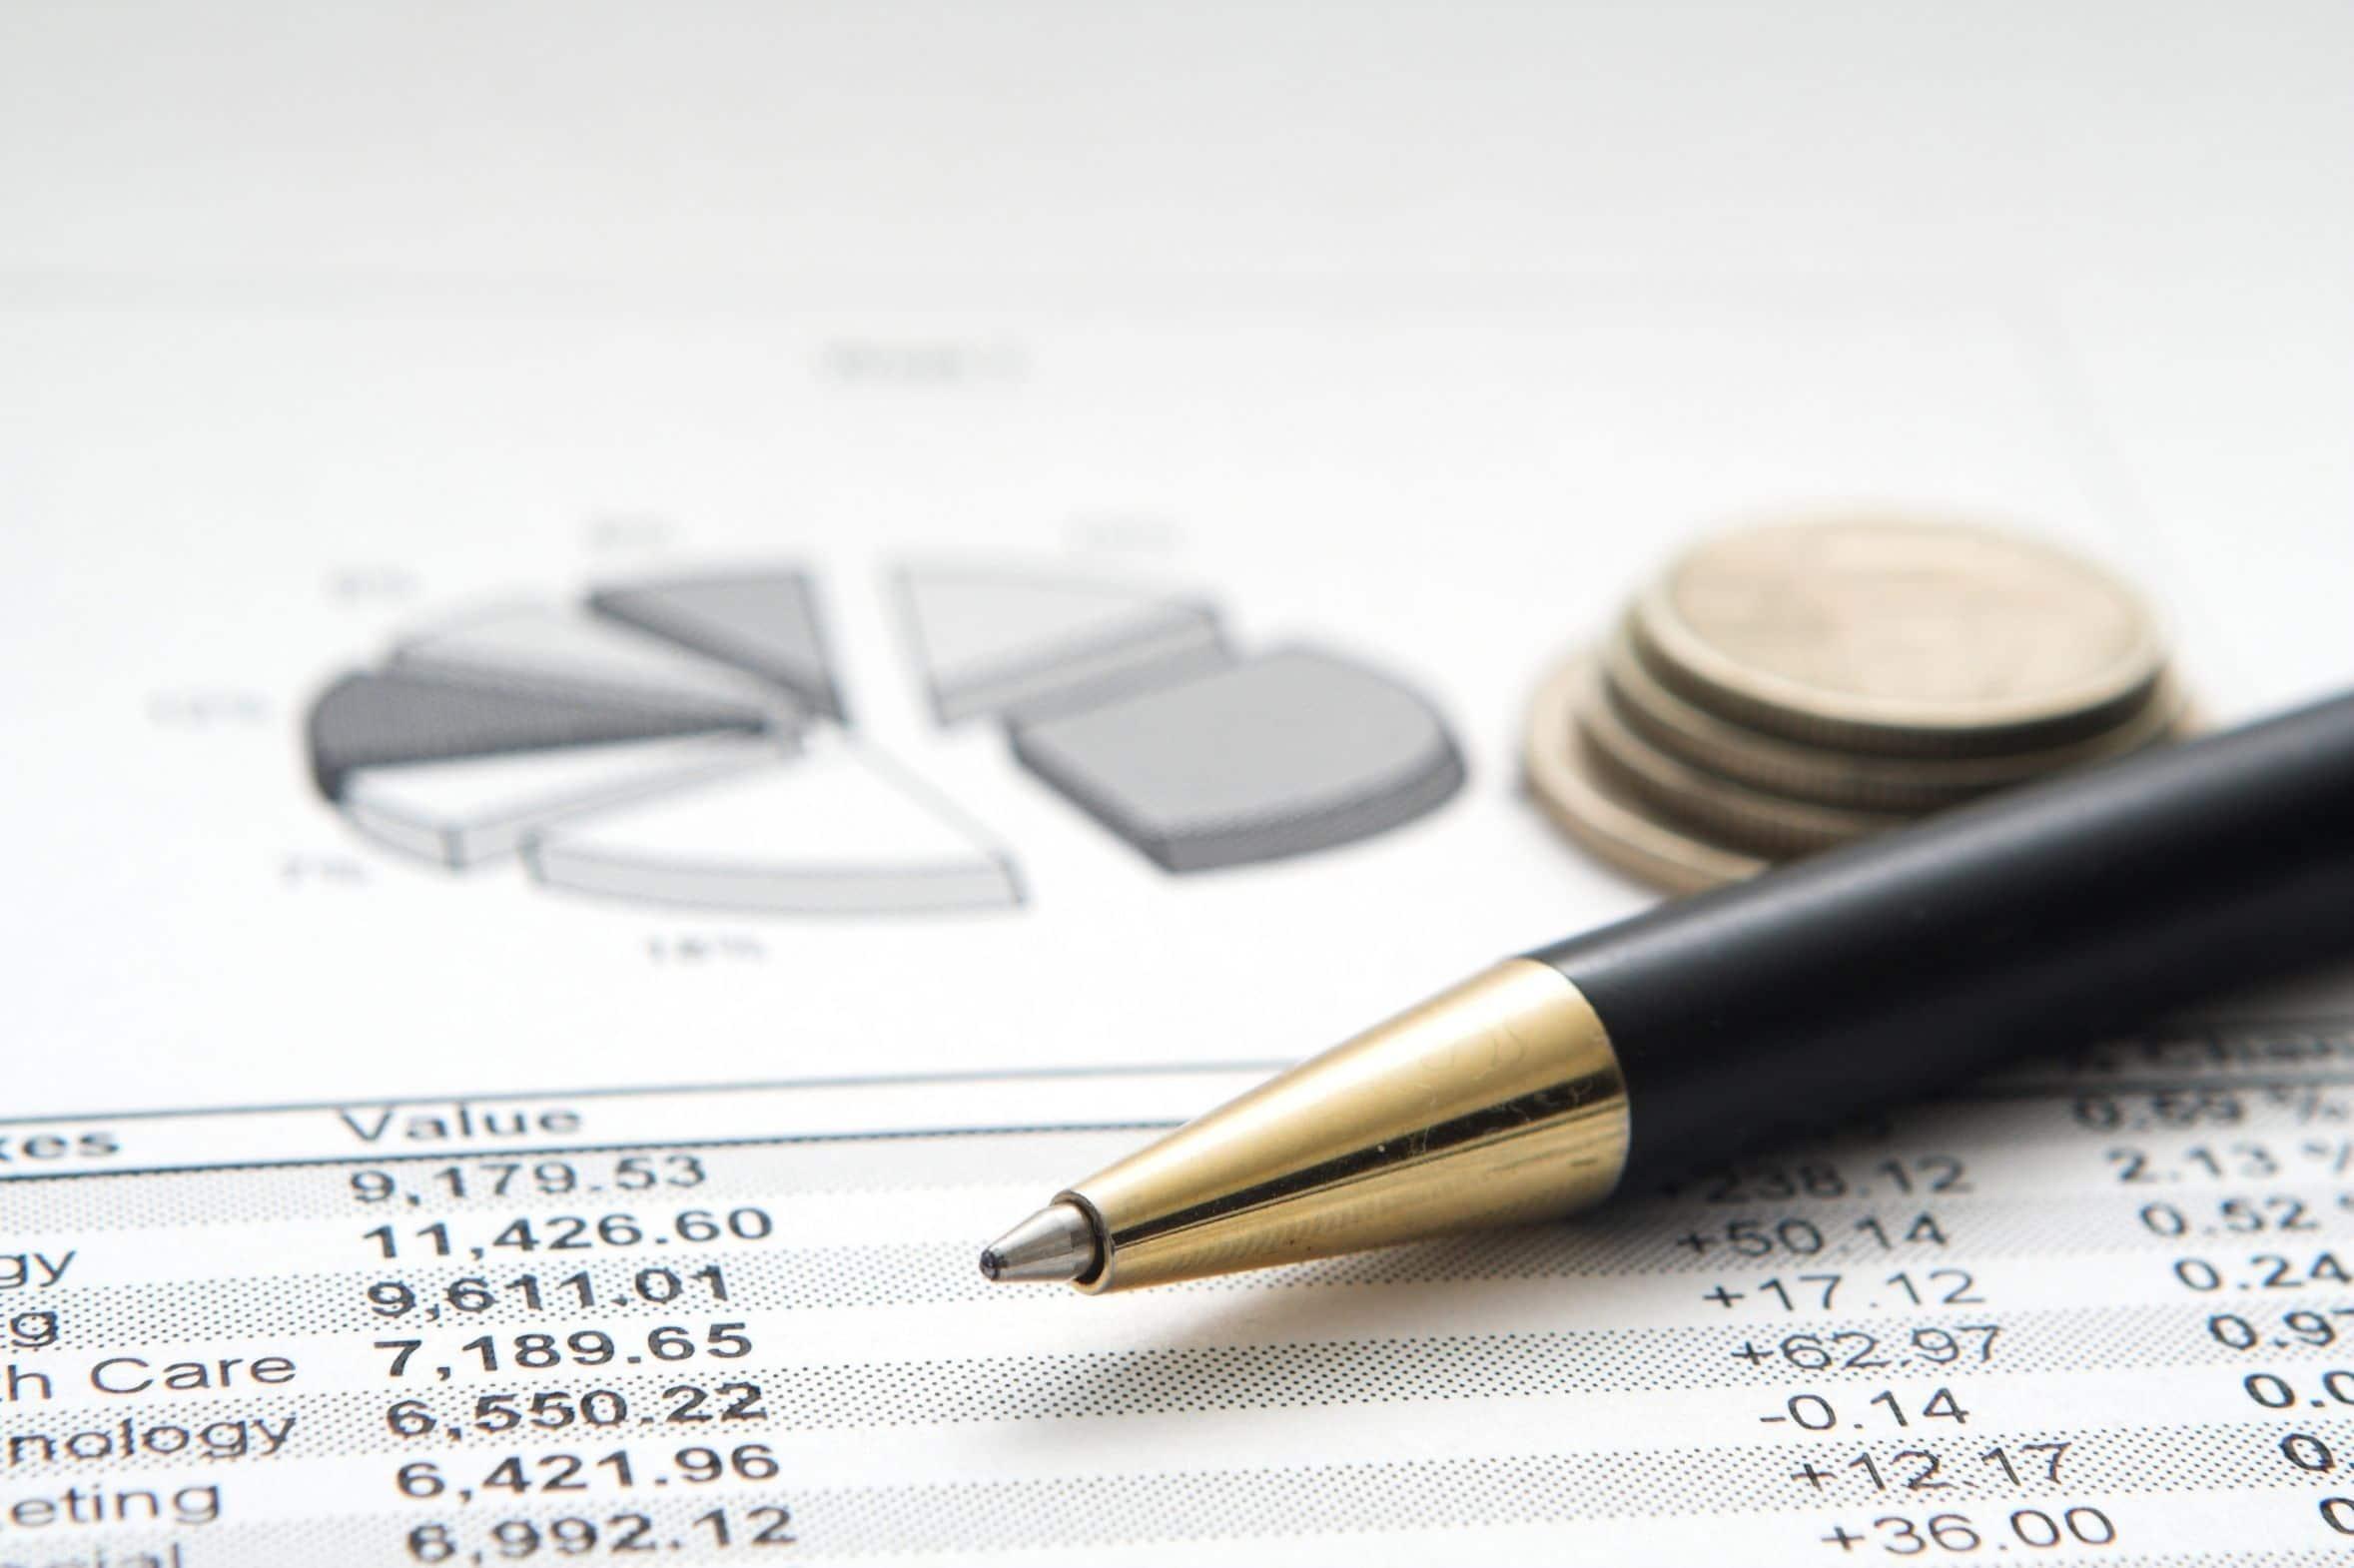 налоговая служба бланк заполнения формы с-09-1